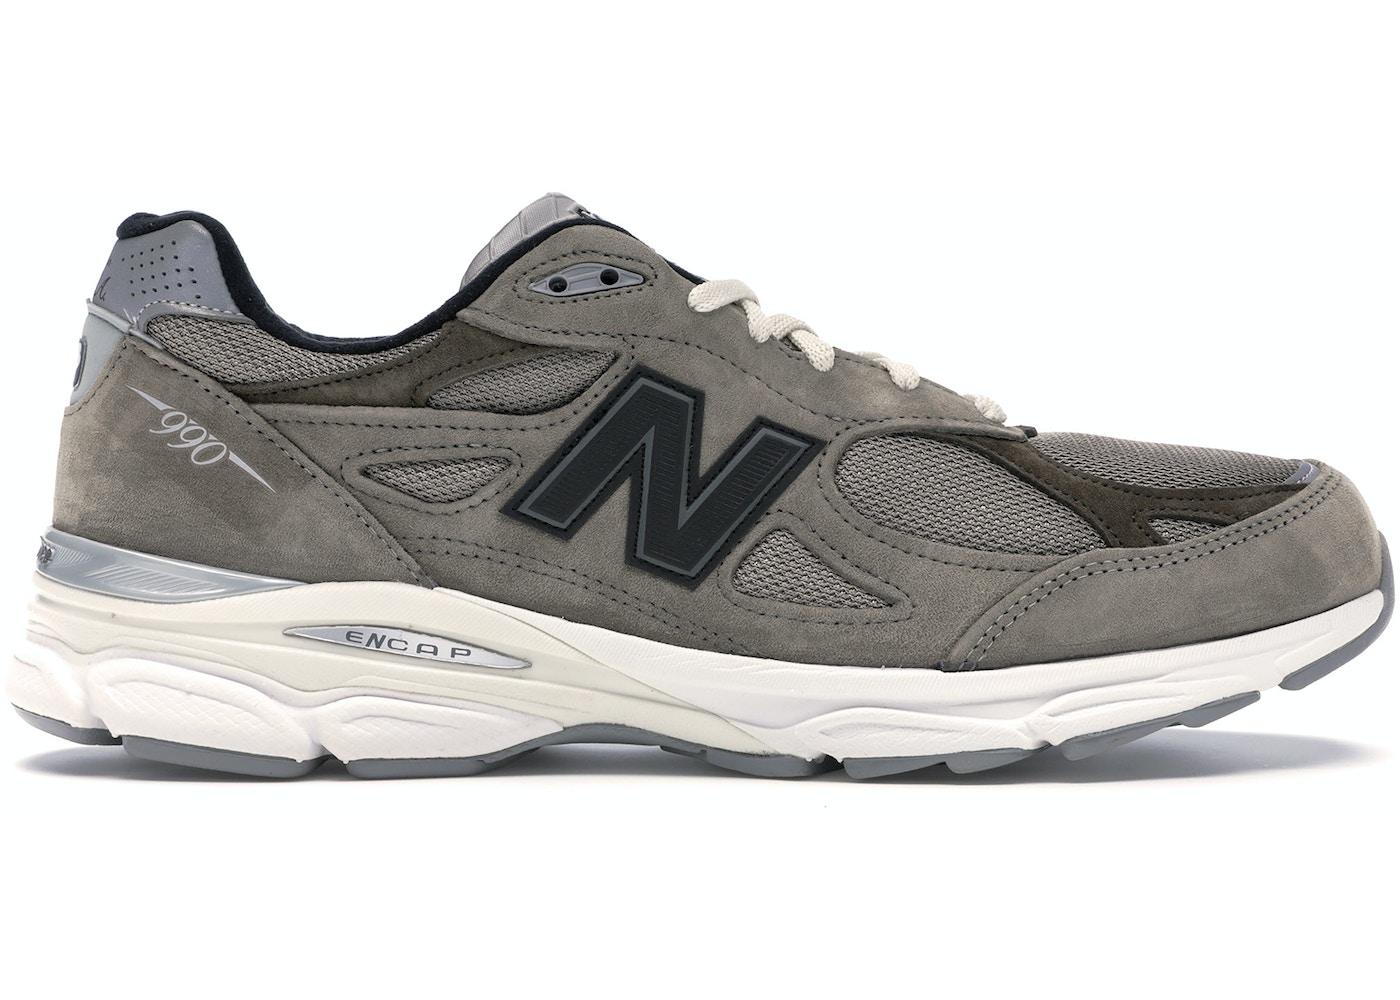 separation shoes 87c79 fa21b New Balance 990v3 JJJJound - AMUS990MC3